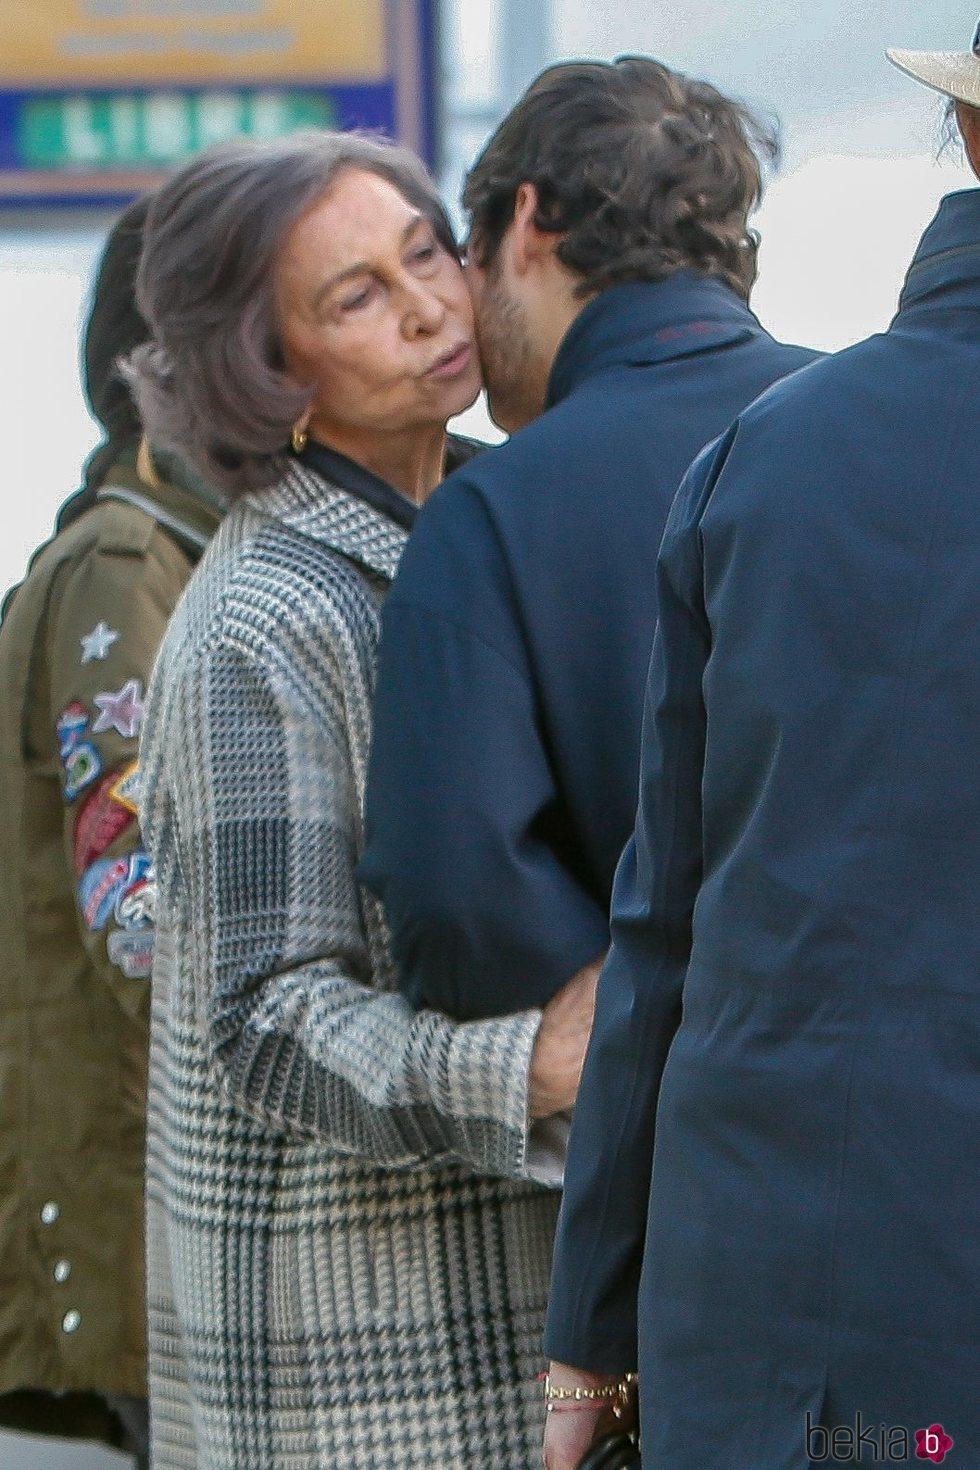 La Reina Sofía besa a Froilán tras visitar al Rey Juan Carlos en el hospital